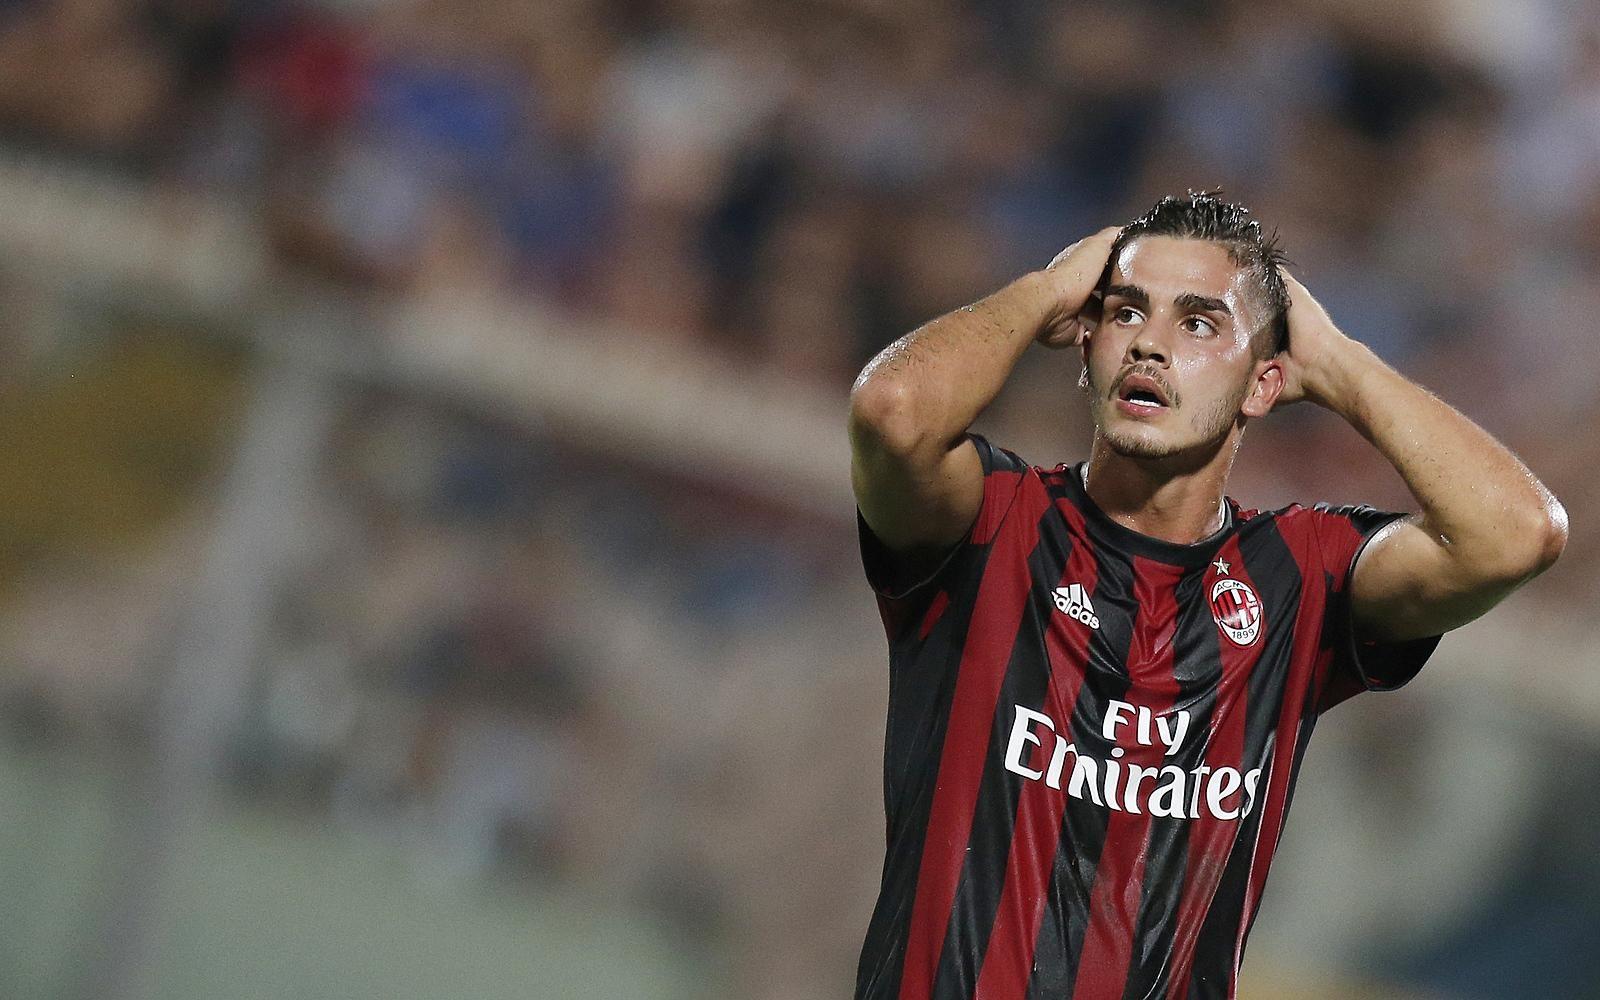 L'attaccante del Milan André Silva, considerato un predestinato